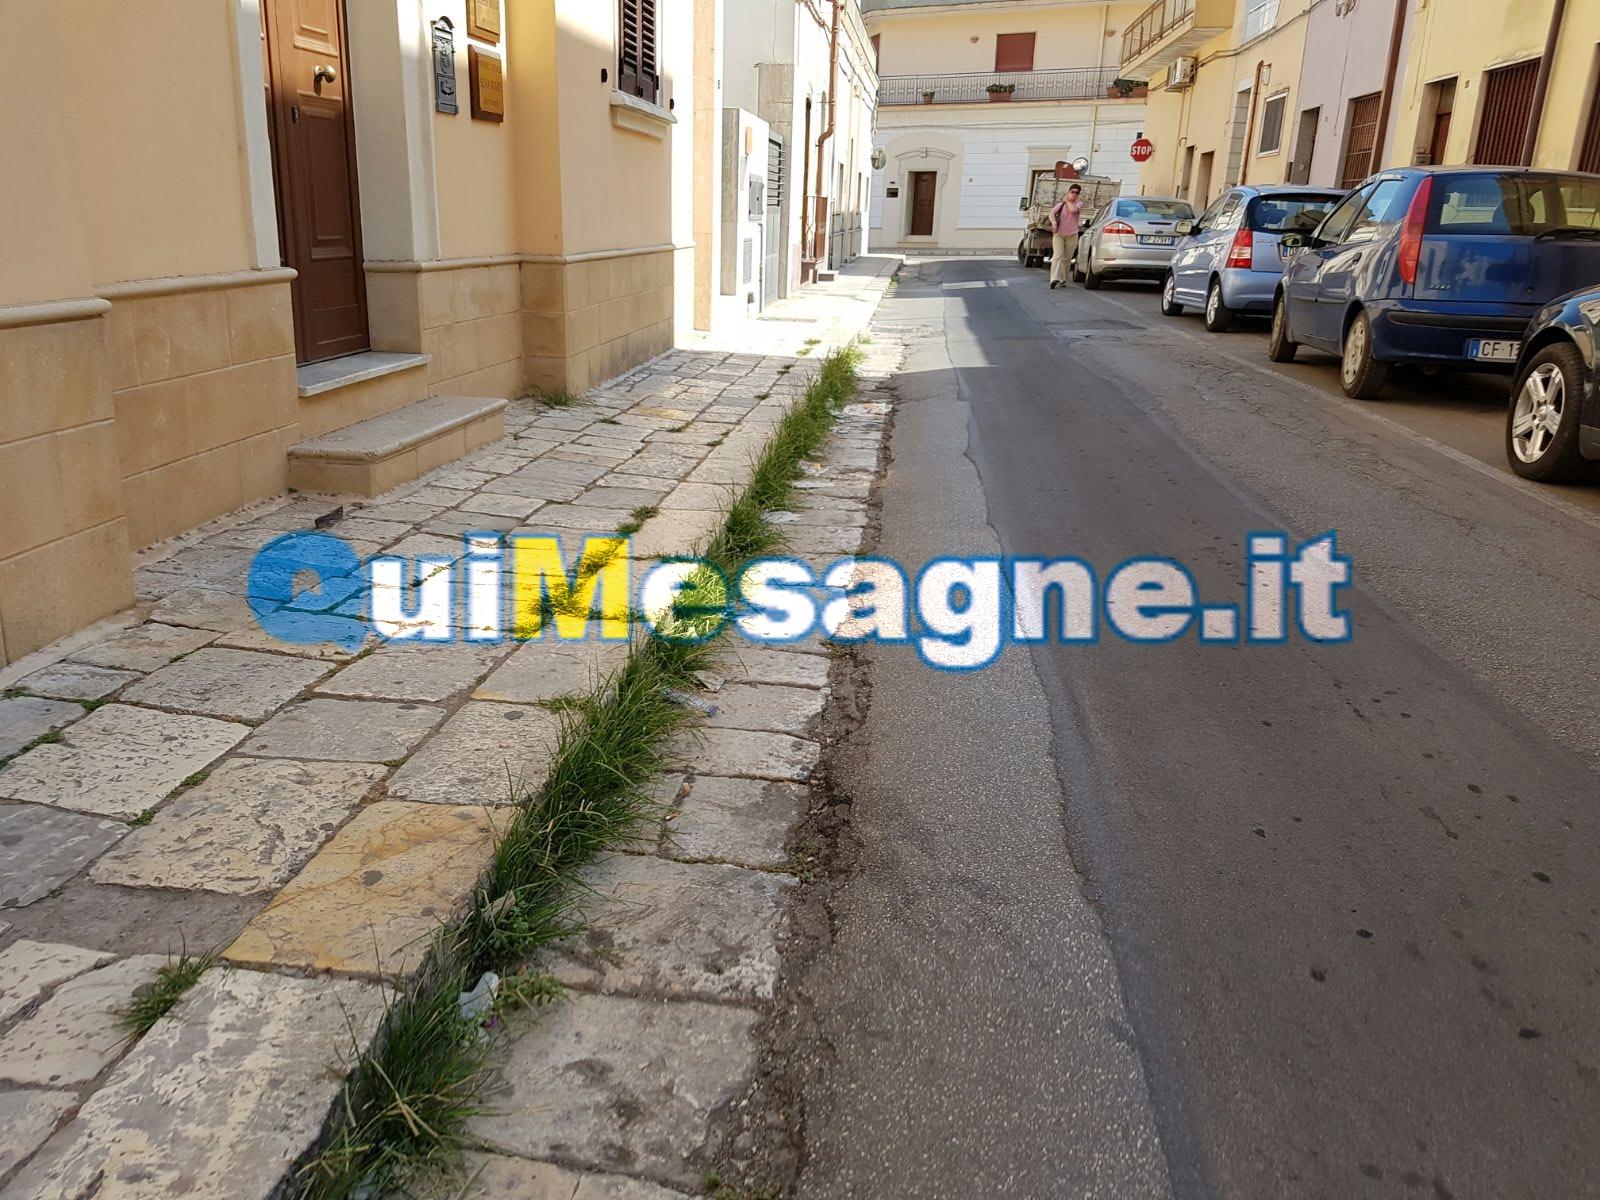 UFFICIO RECLAMI – Via Vittorio Veneto tra rifiuti, erbacce e blatte